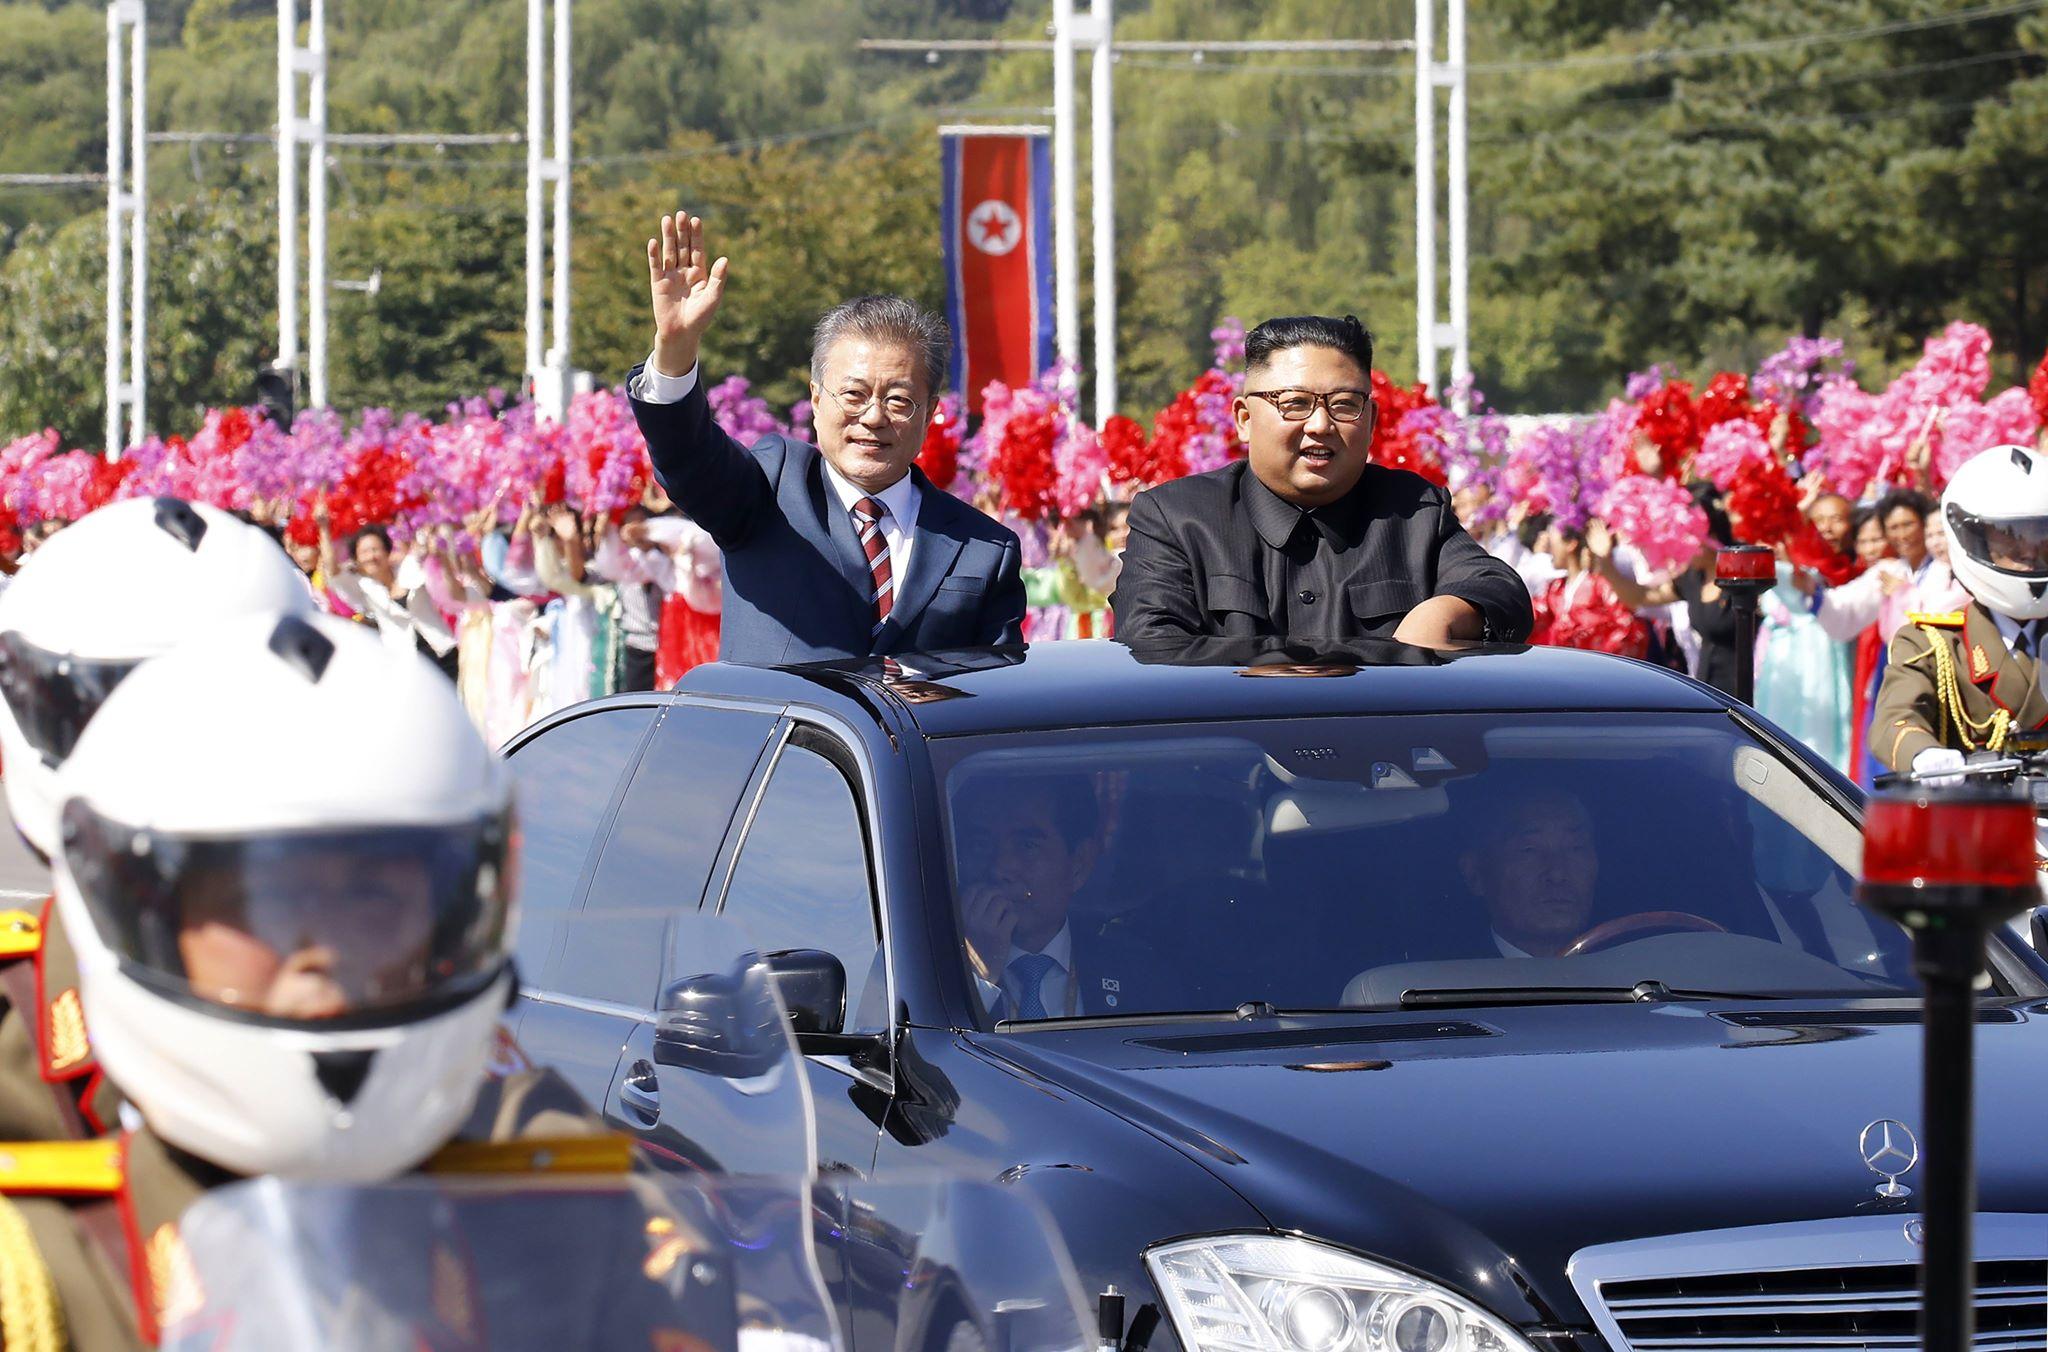 ▲문재인 대통령과 김정은 북한 국무위원장이 지난해 9월 18일 평양 시내에서 카퍼레이드를 하고 있다. 두 정상이 탑승한 벤츠 리무진 차량에 대해 유엔 대북제재위원회는 '제재위반 사치품'이라고 지목했다./사진공동취재단